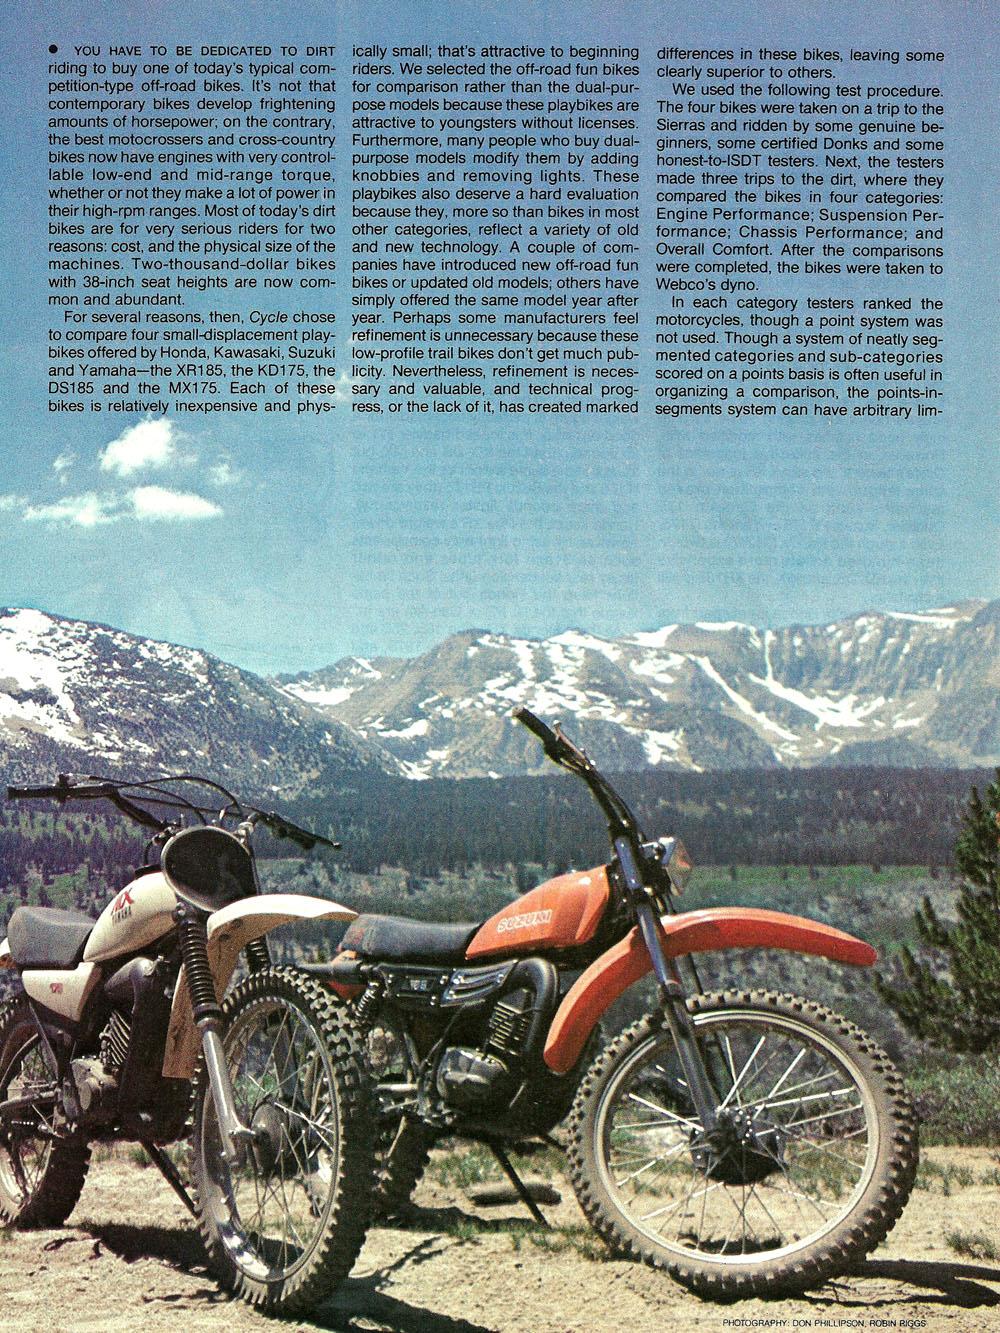 1979 Comparison XR185 KD175 DS185 MX175 test 02.jpg